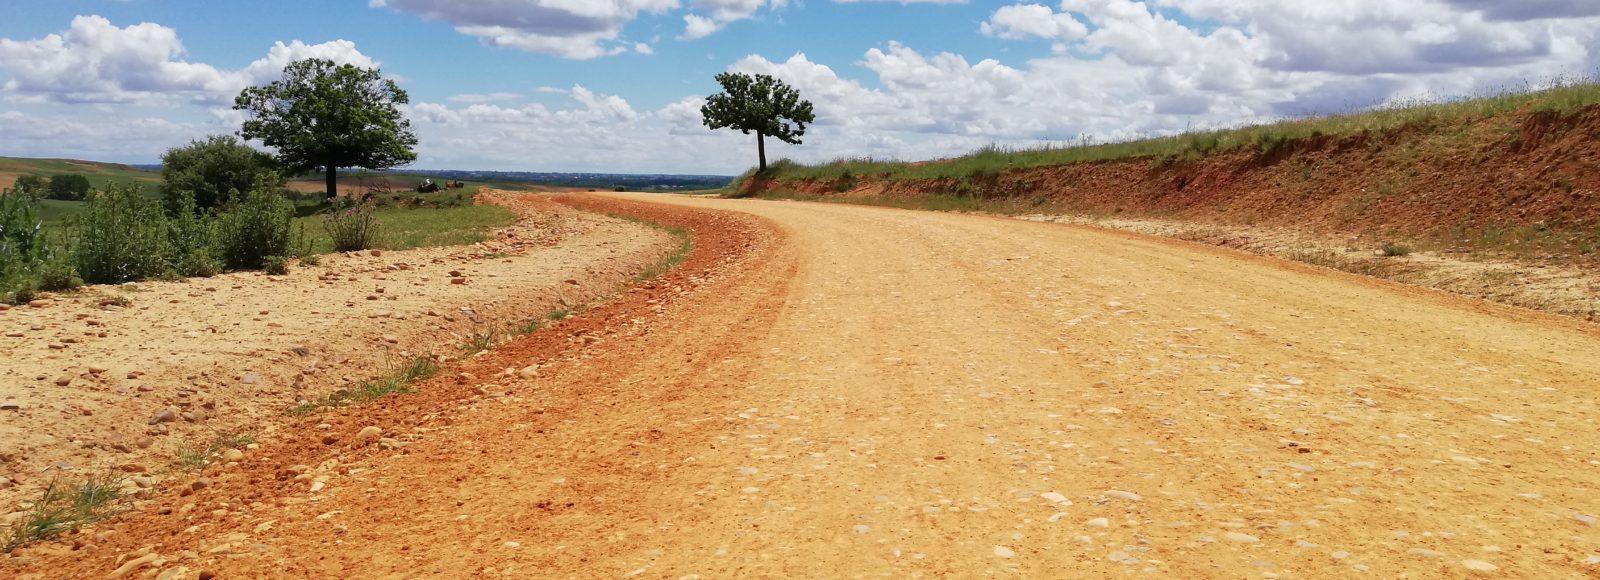 Cammino di santiago.Pierangela Vallese